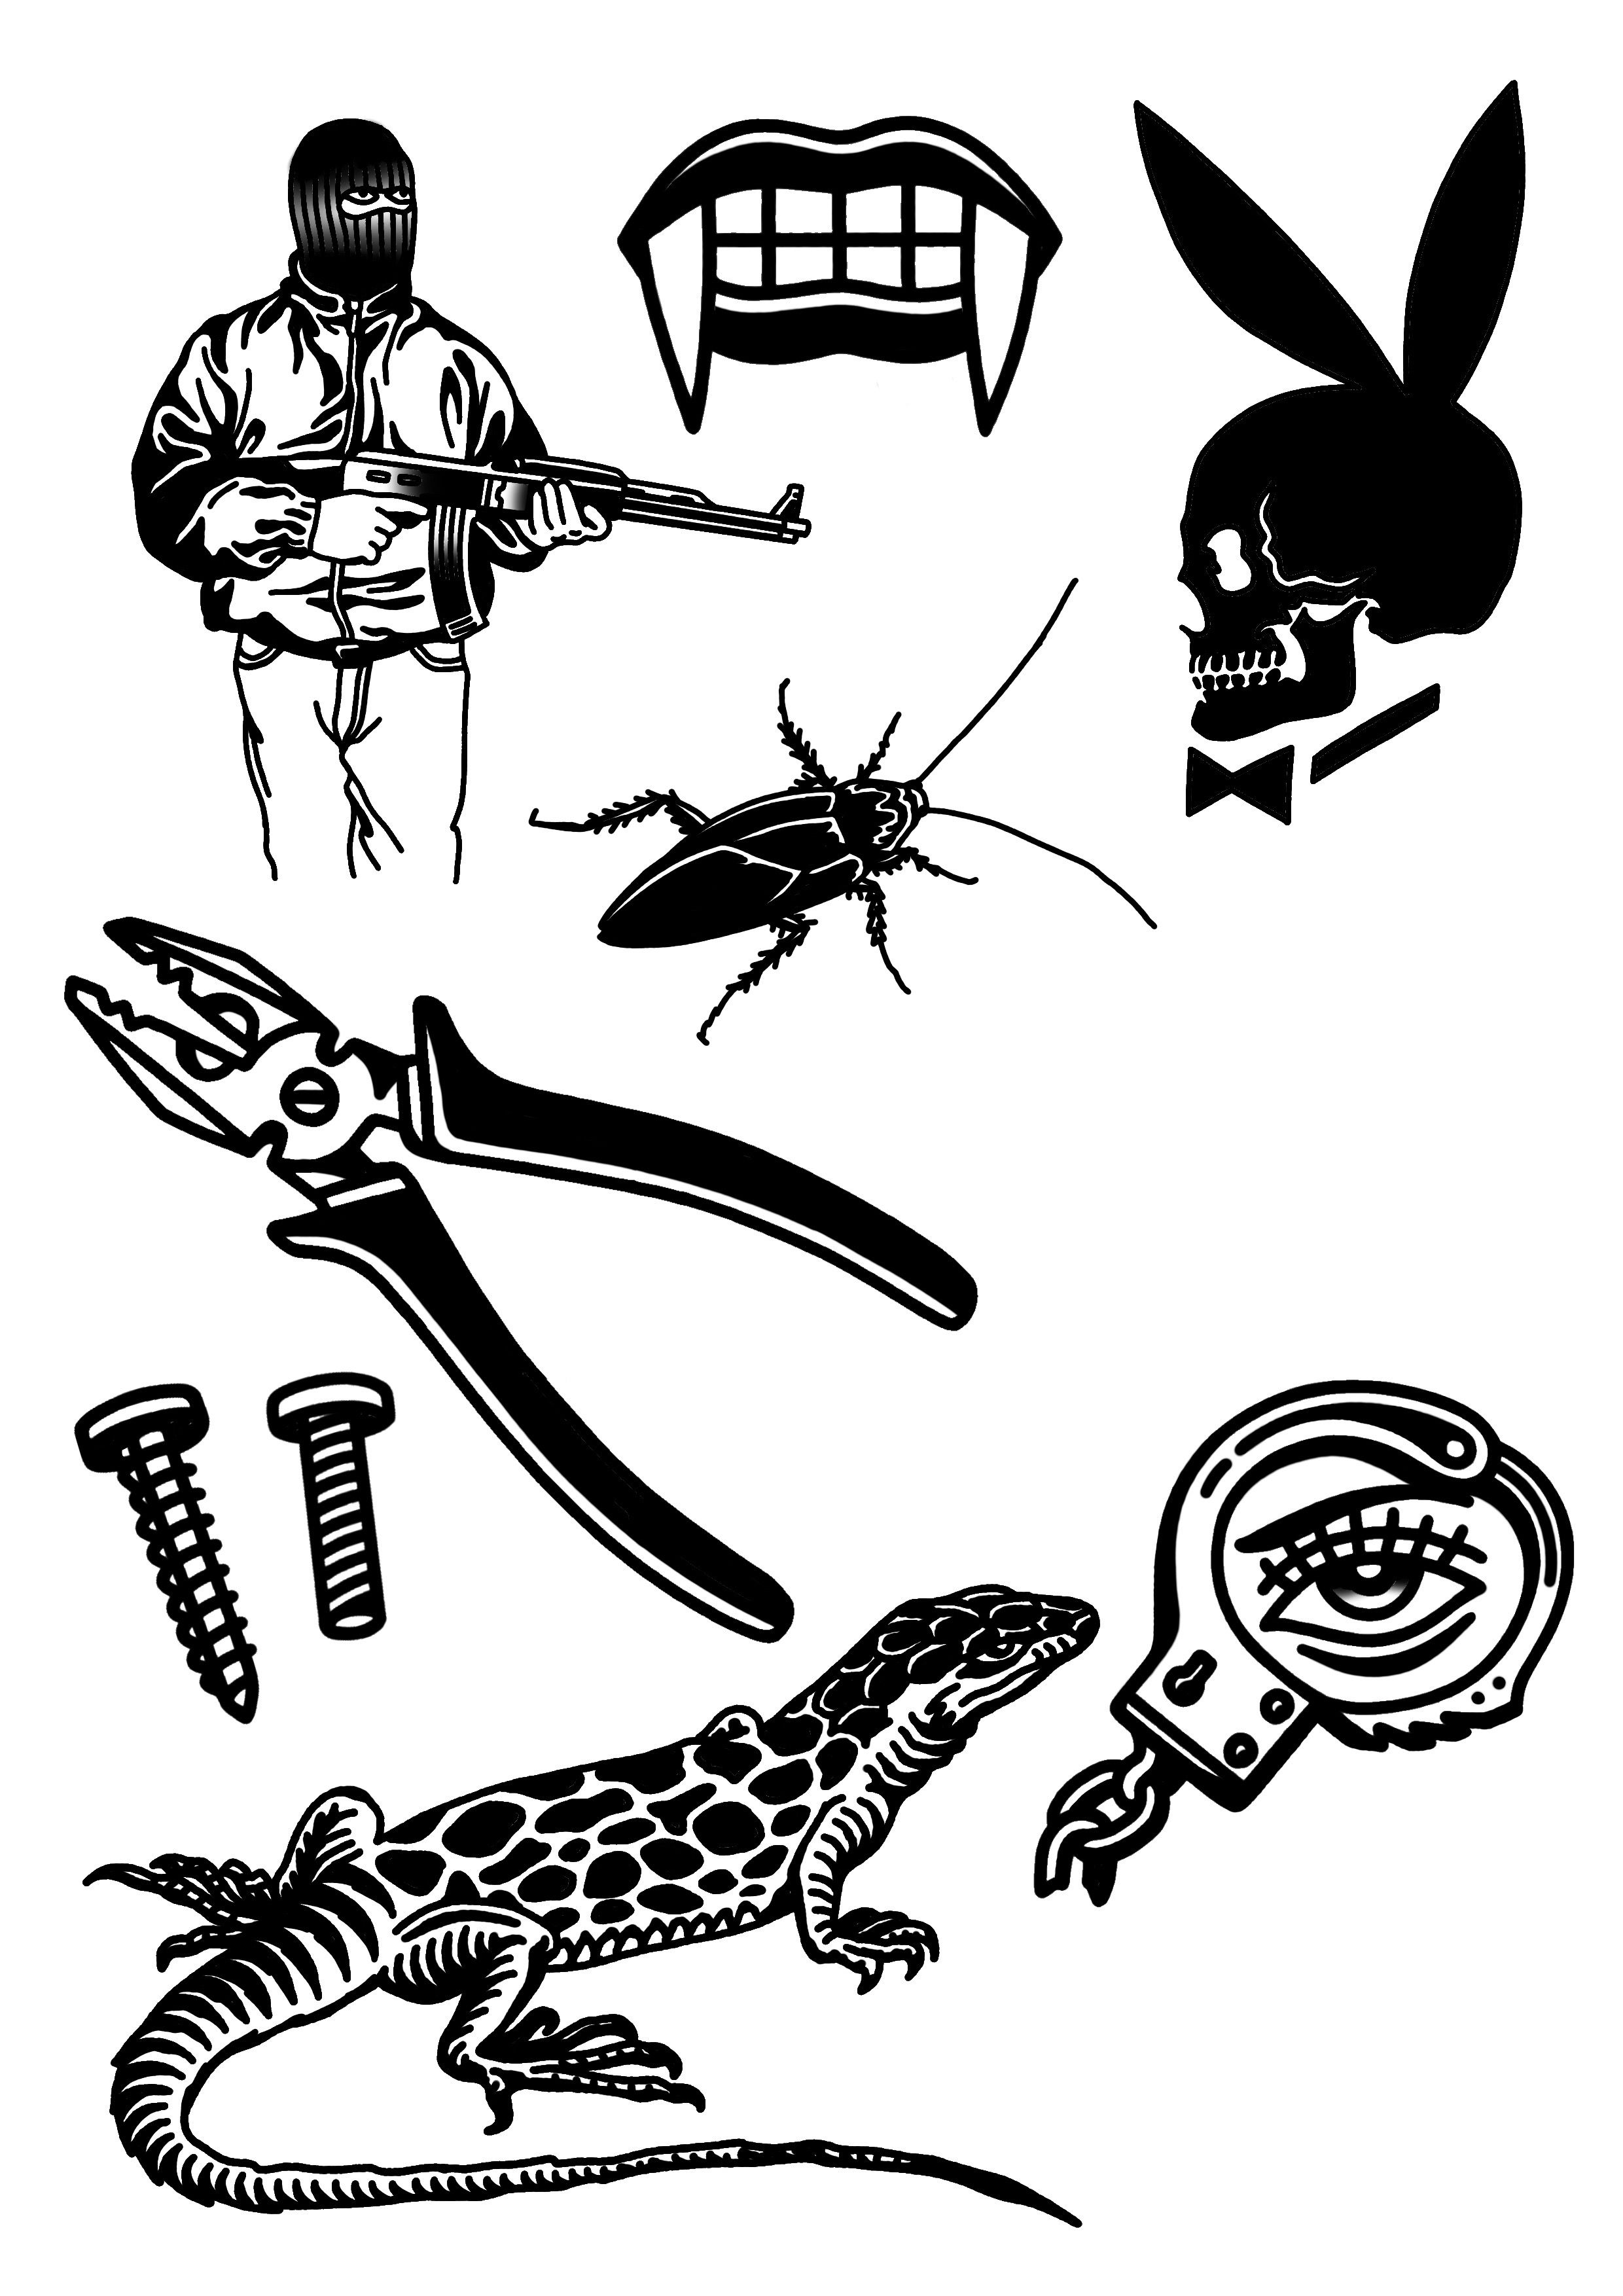 Tattoo Drawings, Tattoo Flash Art